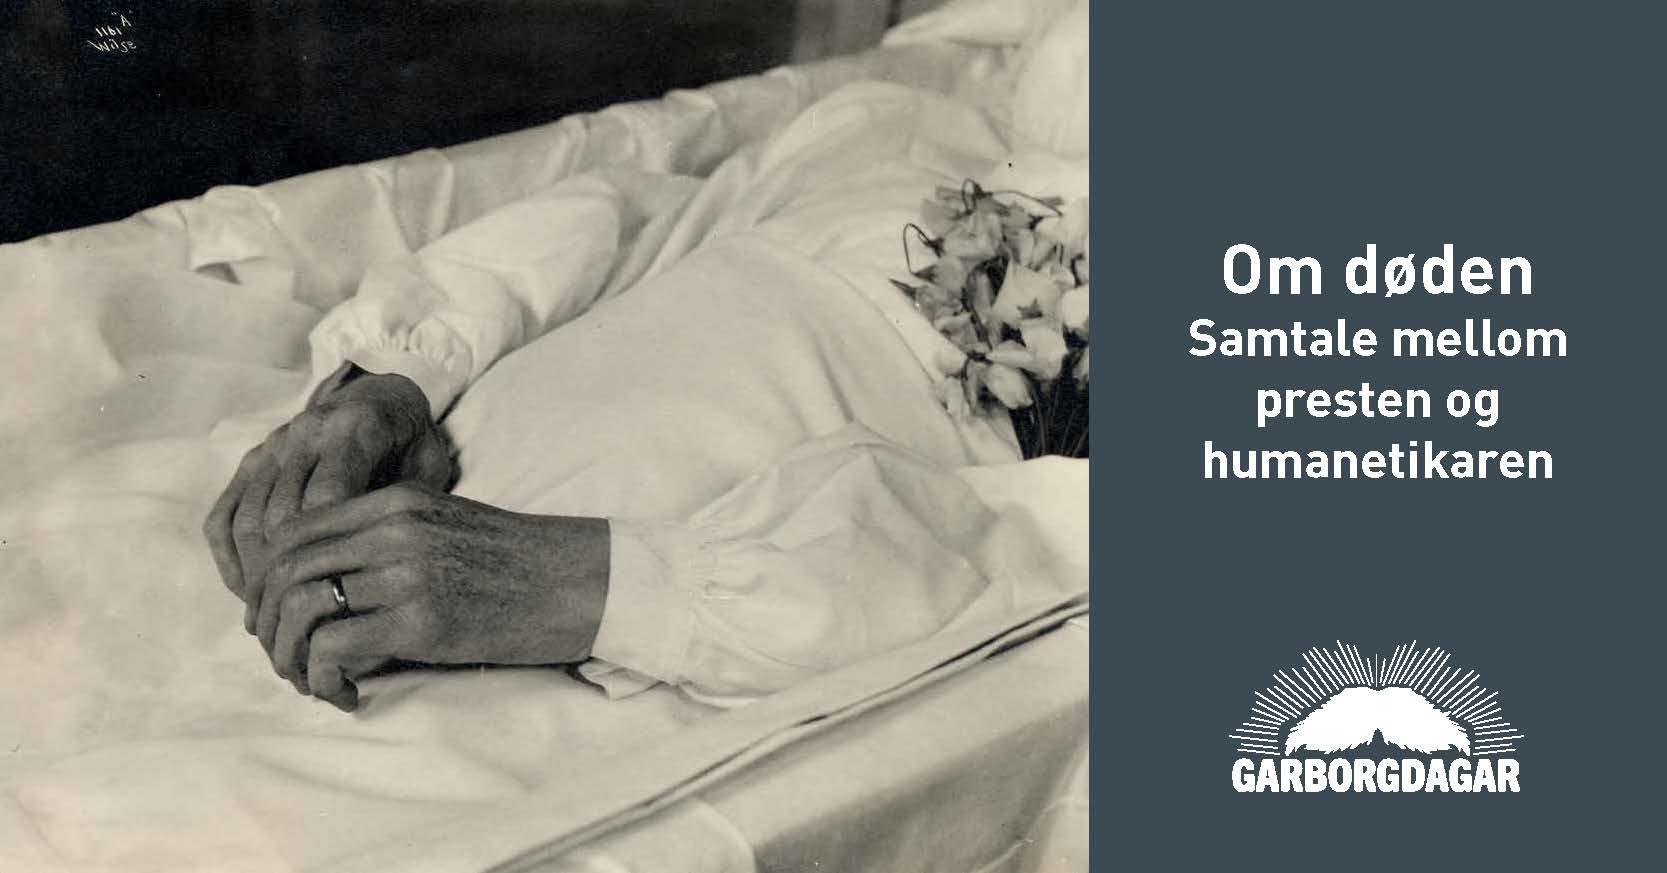 Om døden | samtale mellom presten og humanetikaren